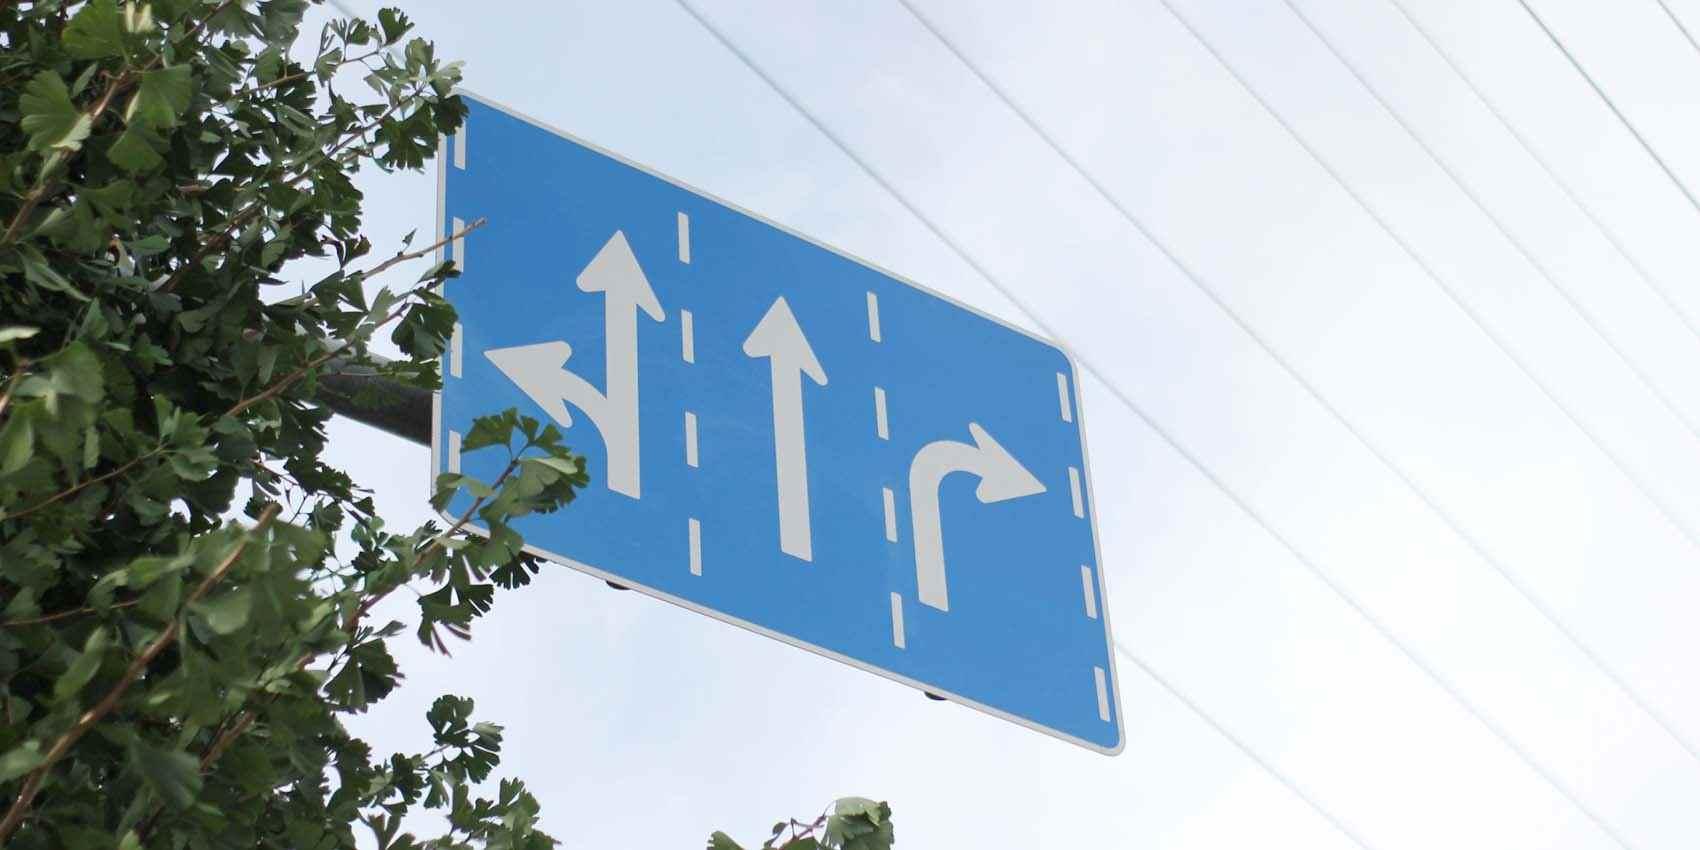 初心者が絶対に覚えるべき標識を厳選!交通事故や違反を未然に防ごう